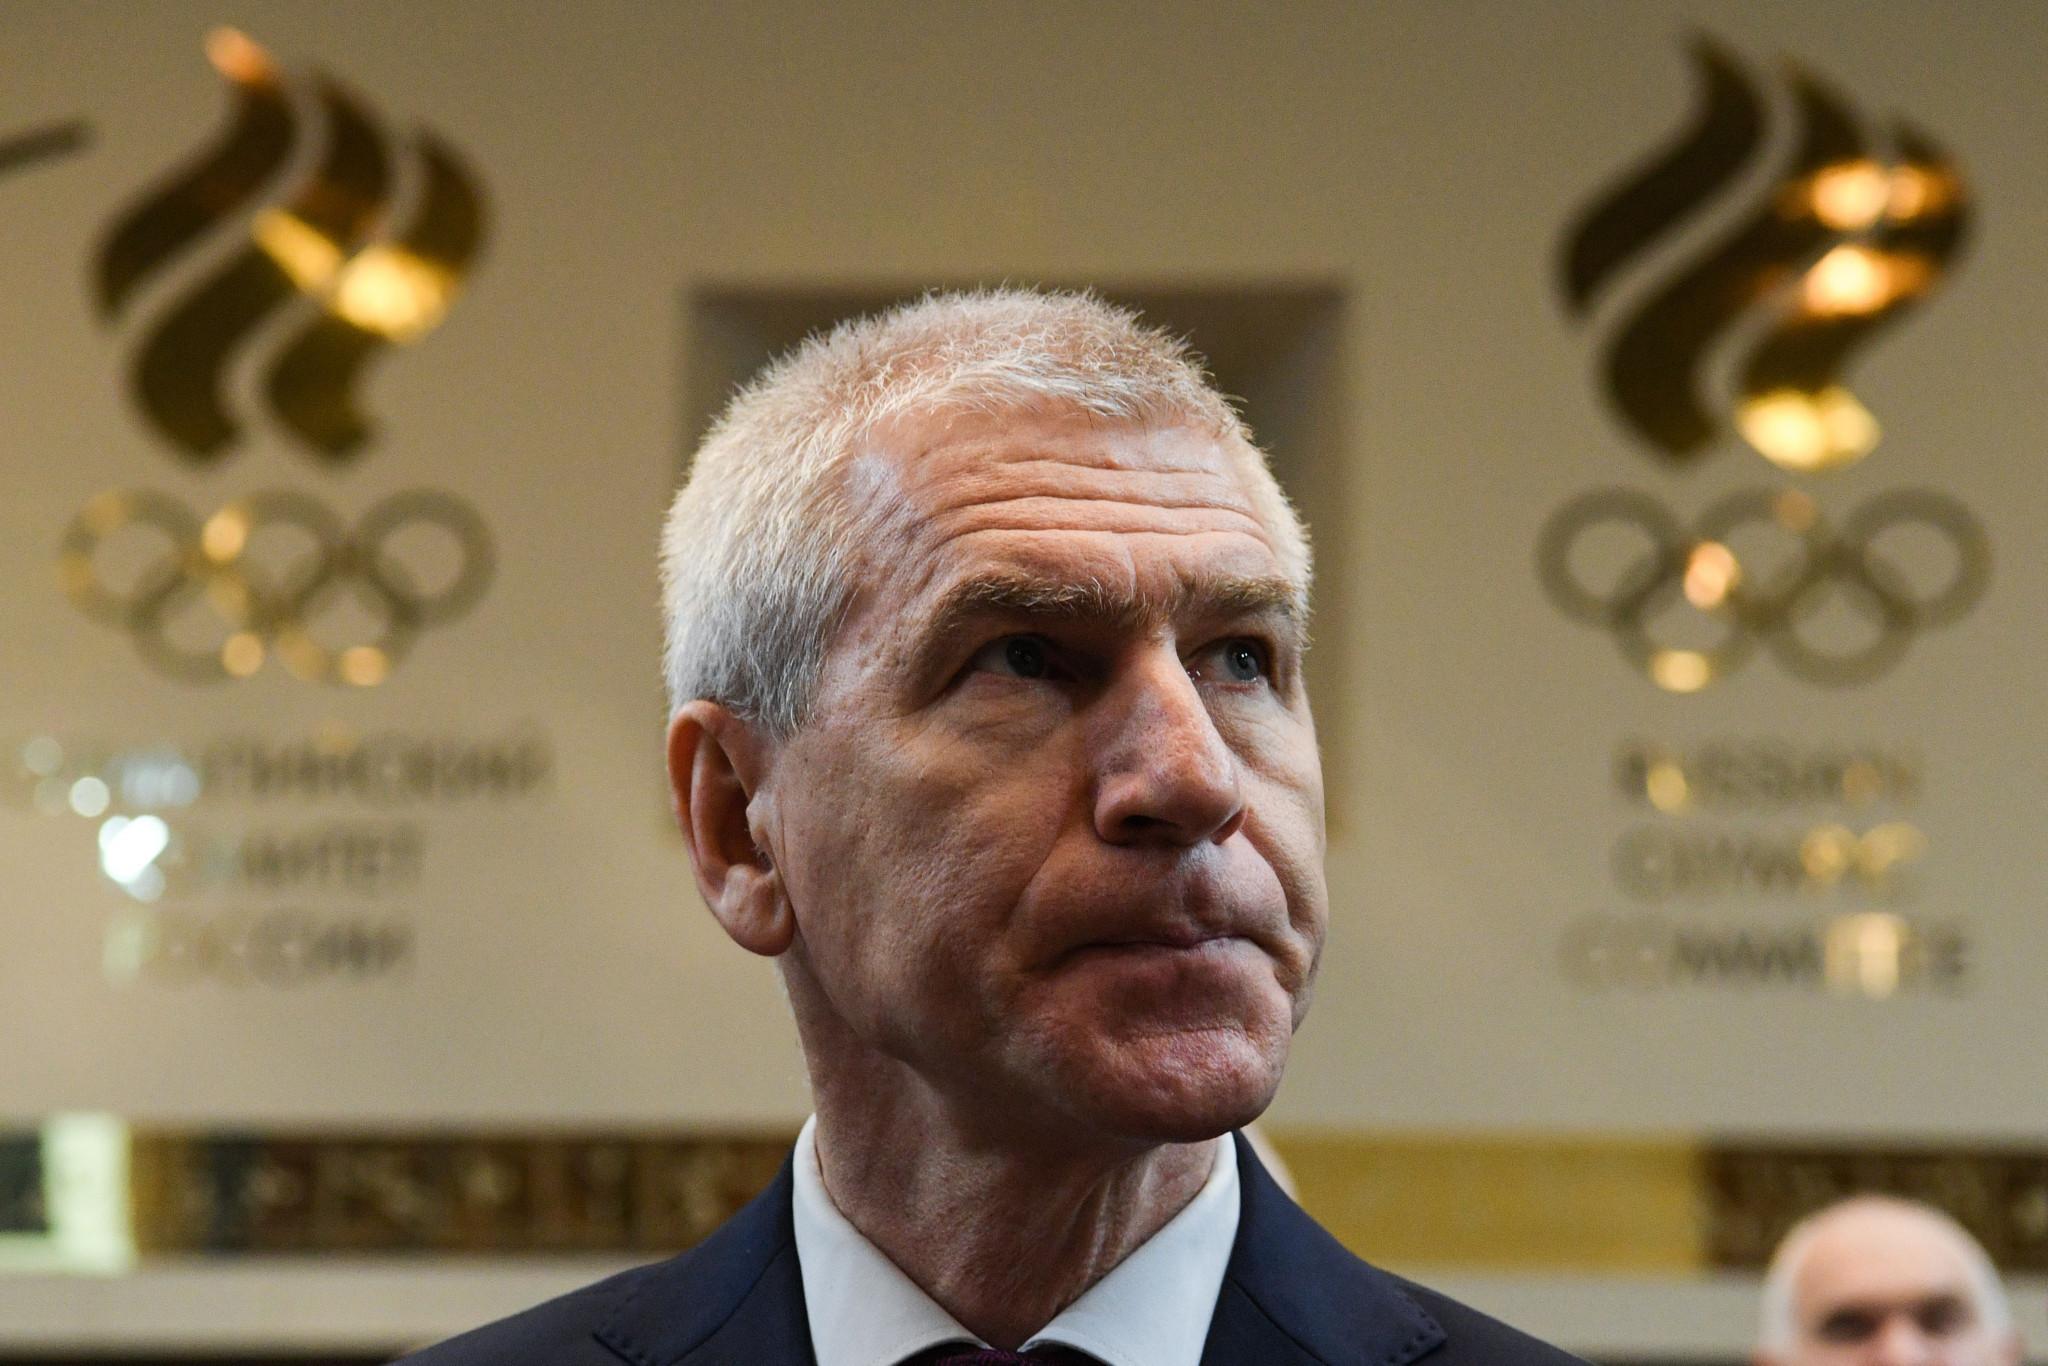 Ministro de Rusia apoya propuesta de reemplazar himno en olimpiadas